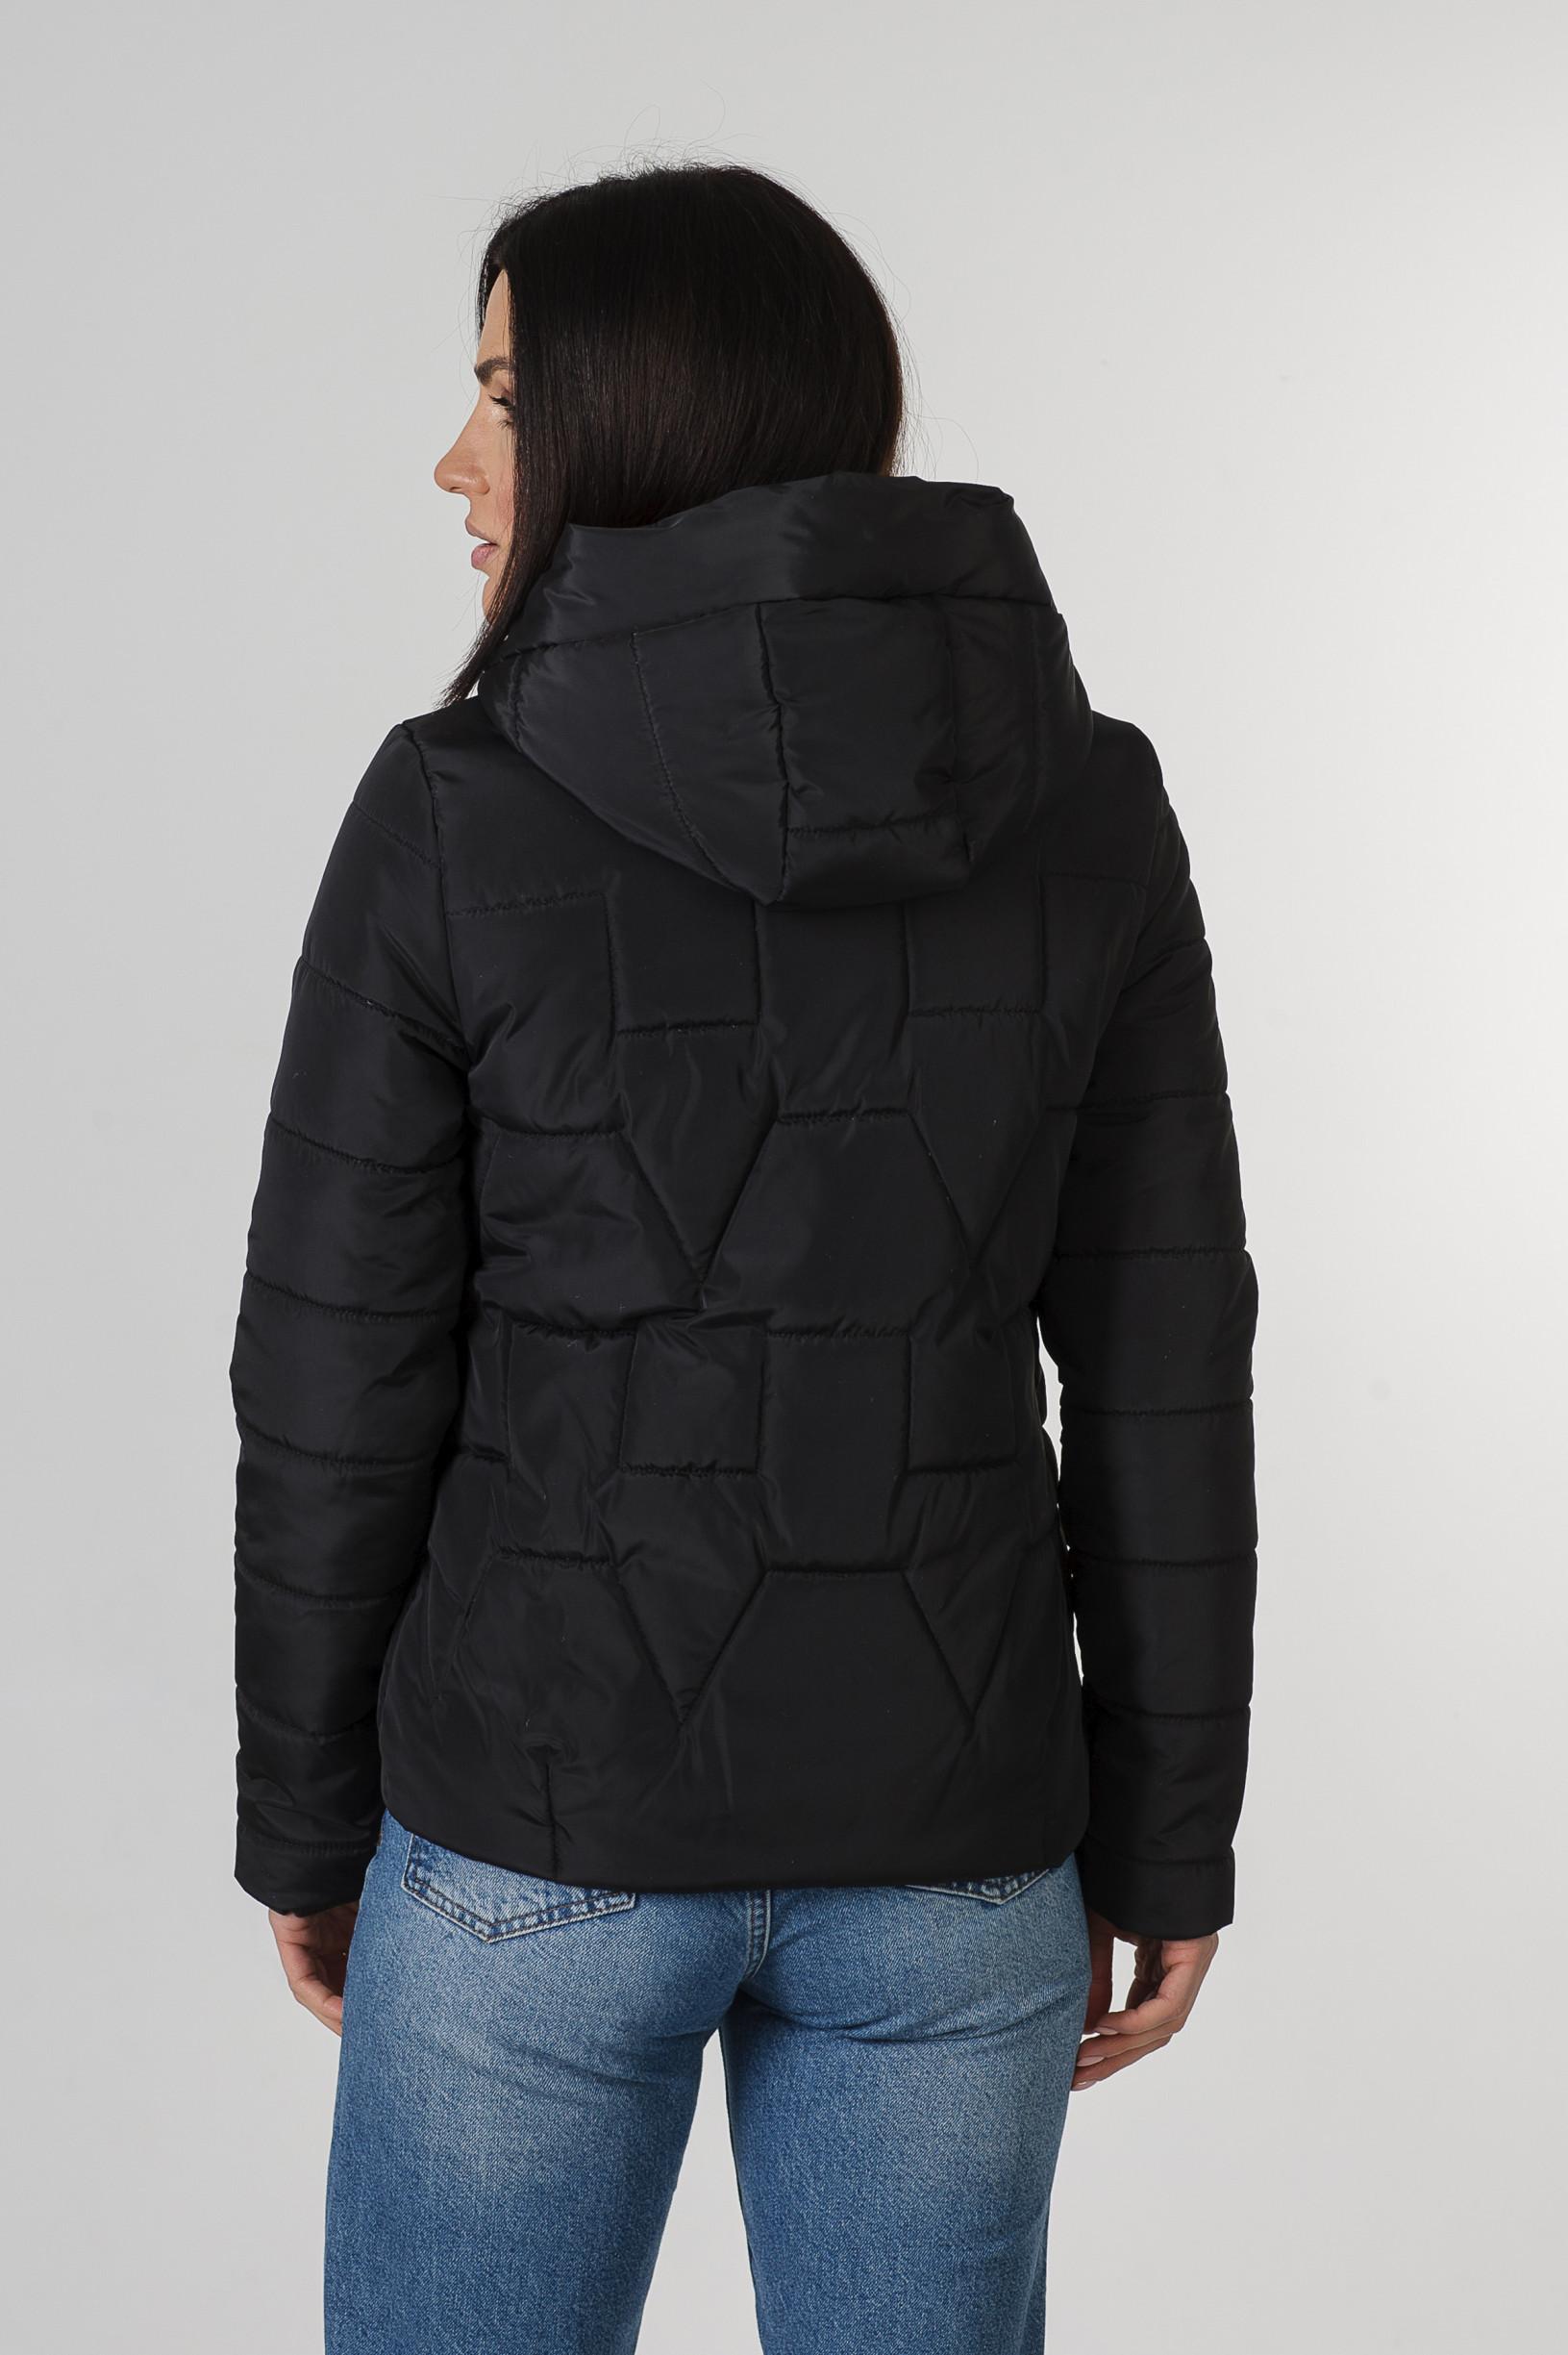 Молодёжная чёрная весенняя куртка Дебби